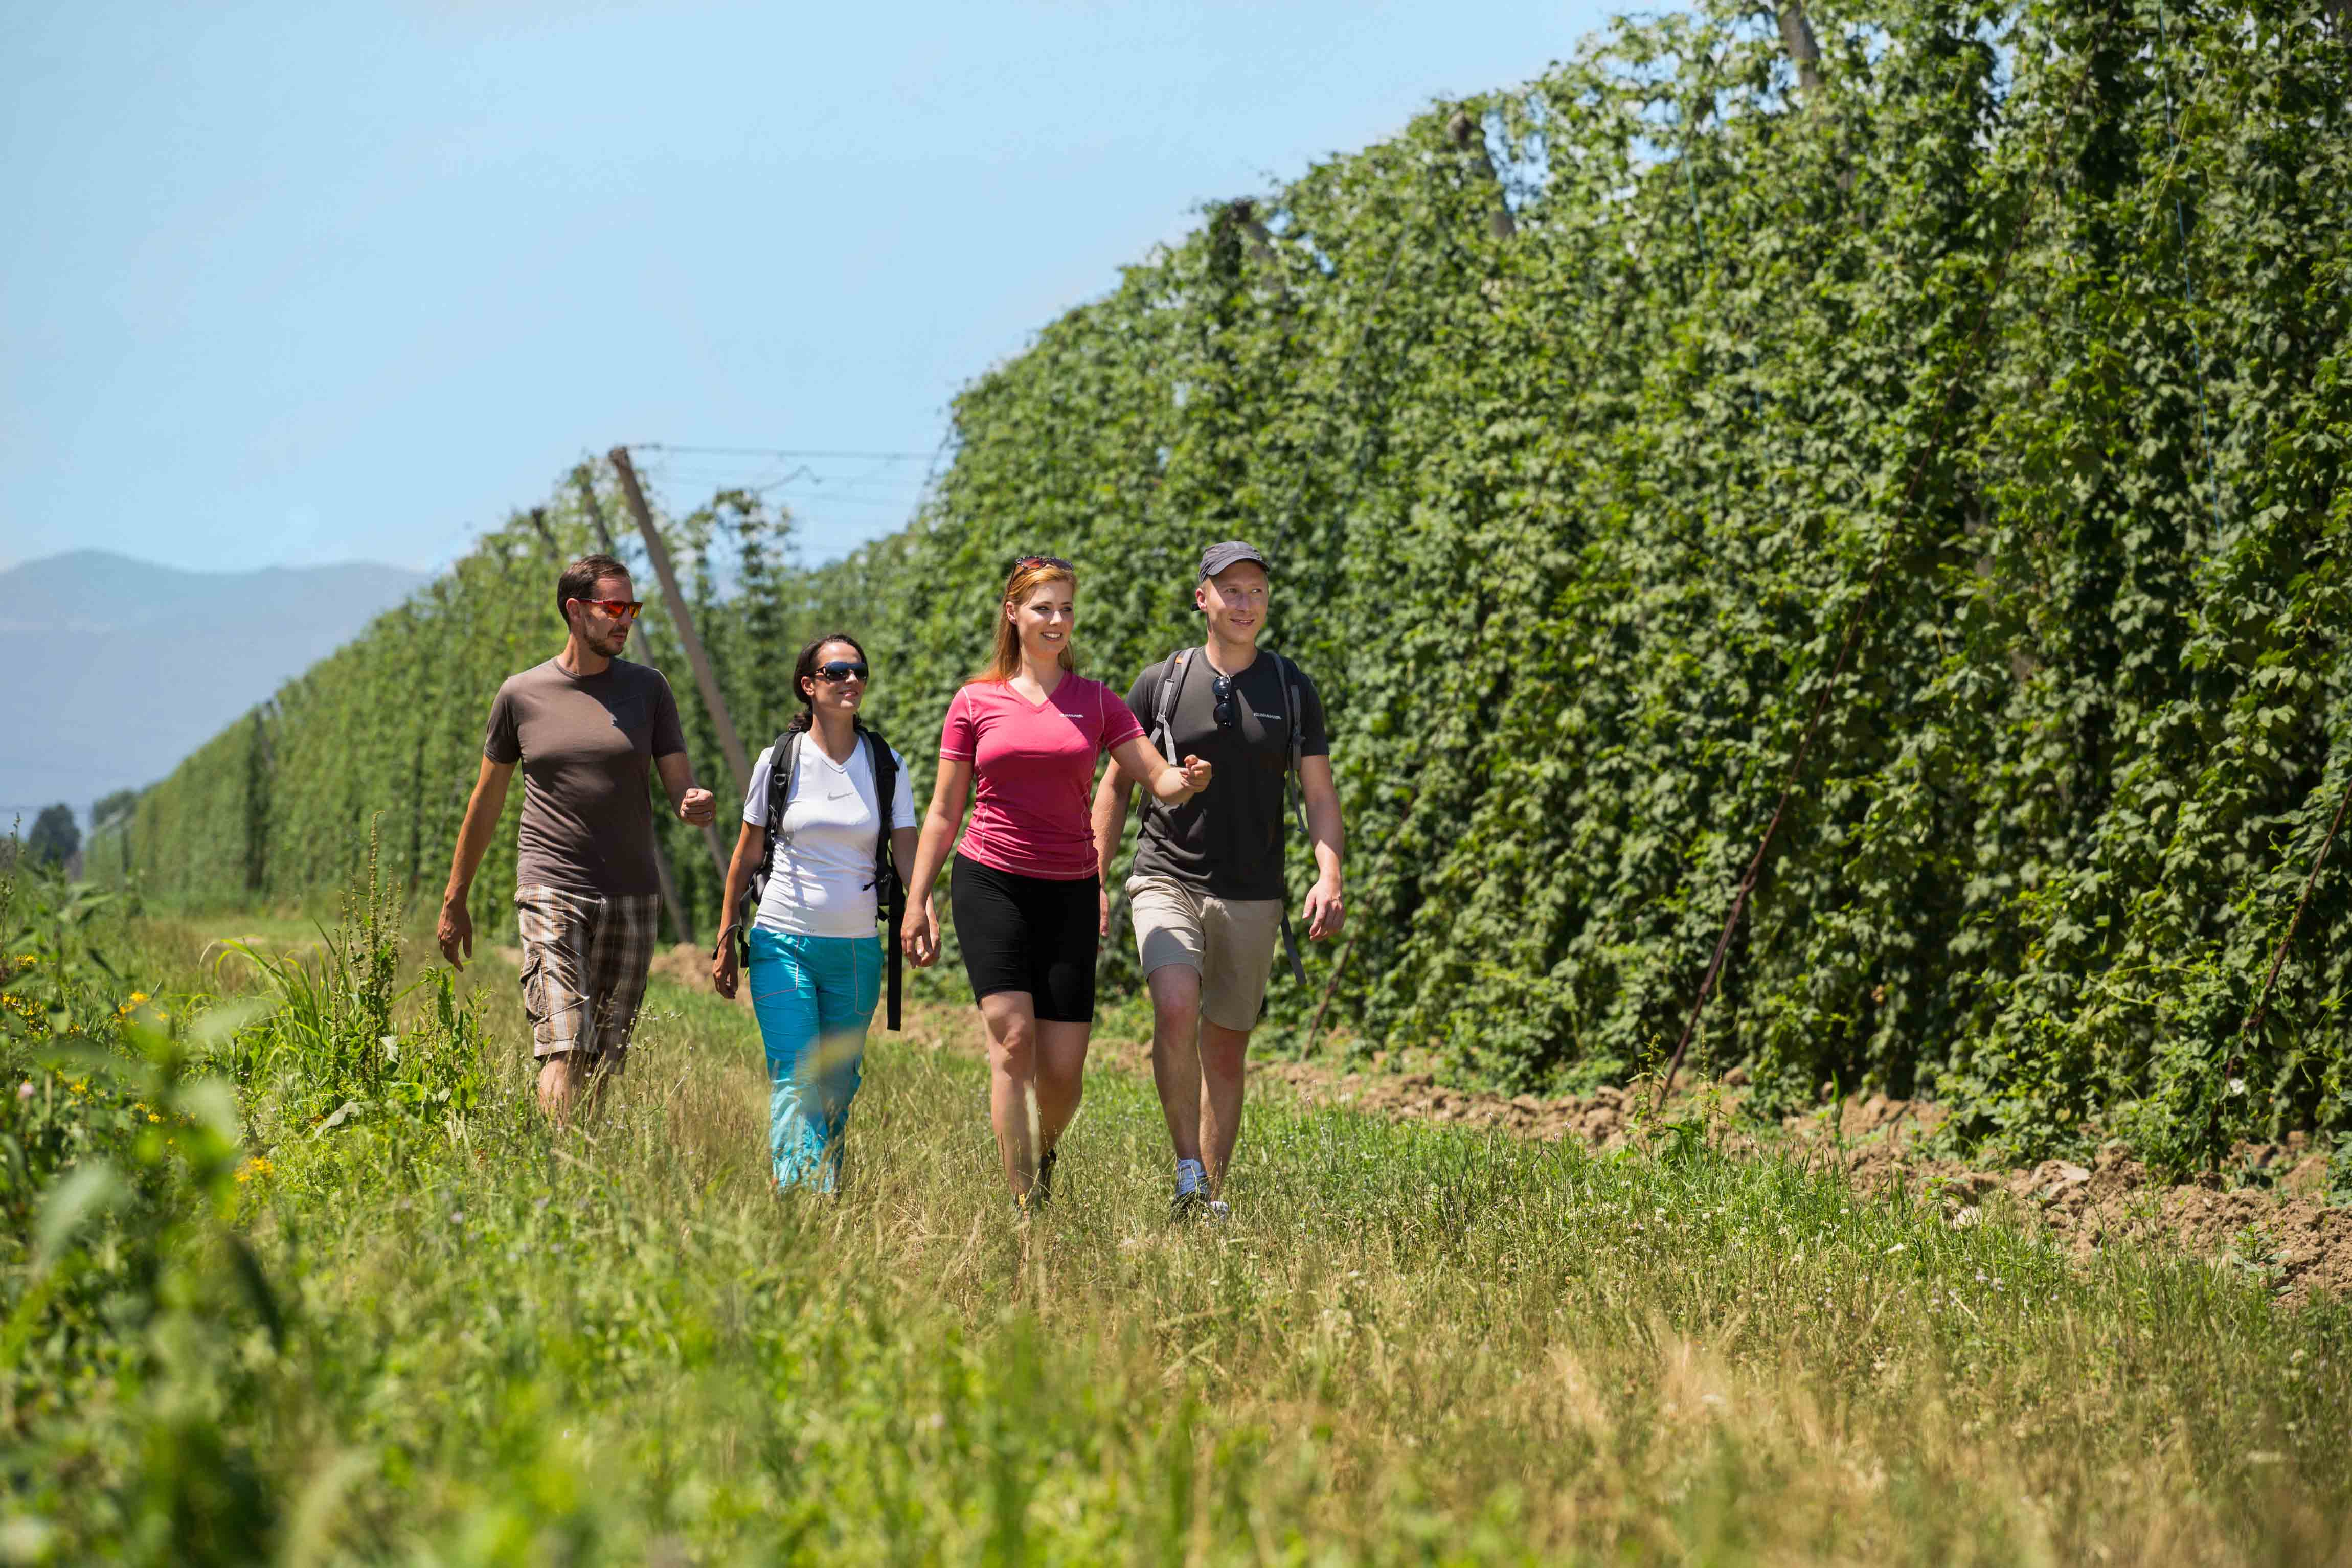 Izlet po Savinjski - Žalec: zgodba hmeljarstva in pivovarstva